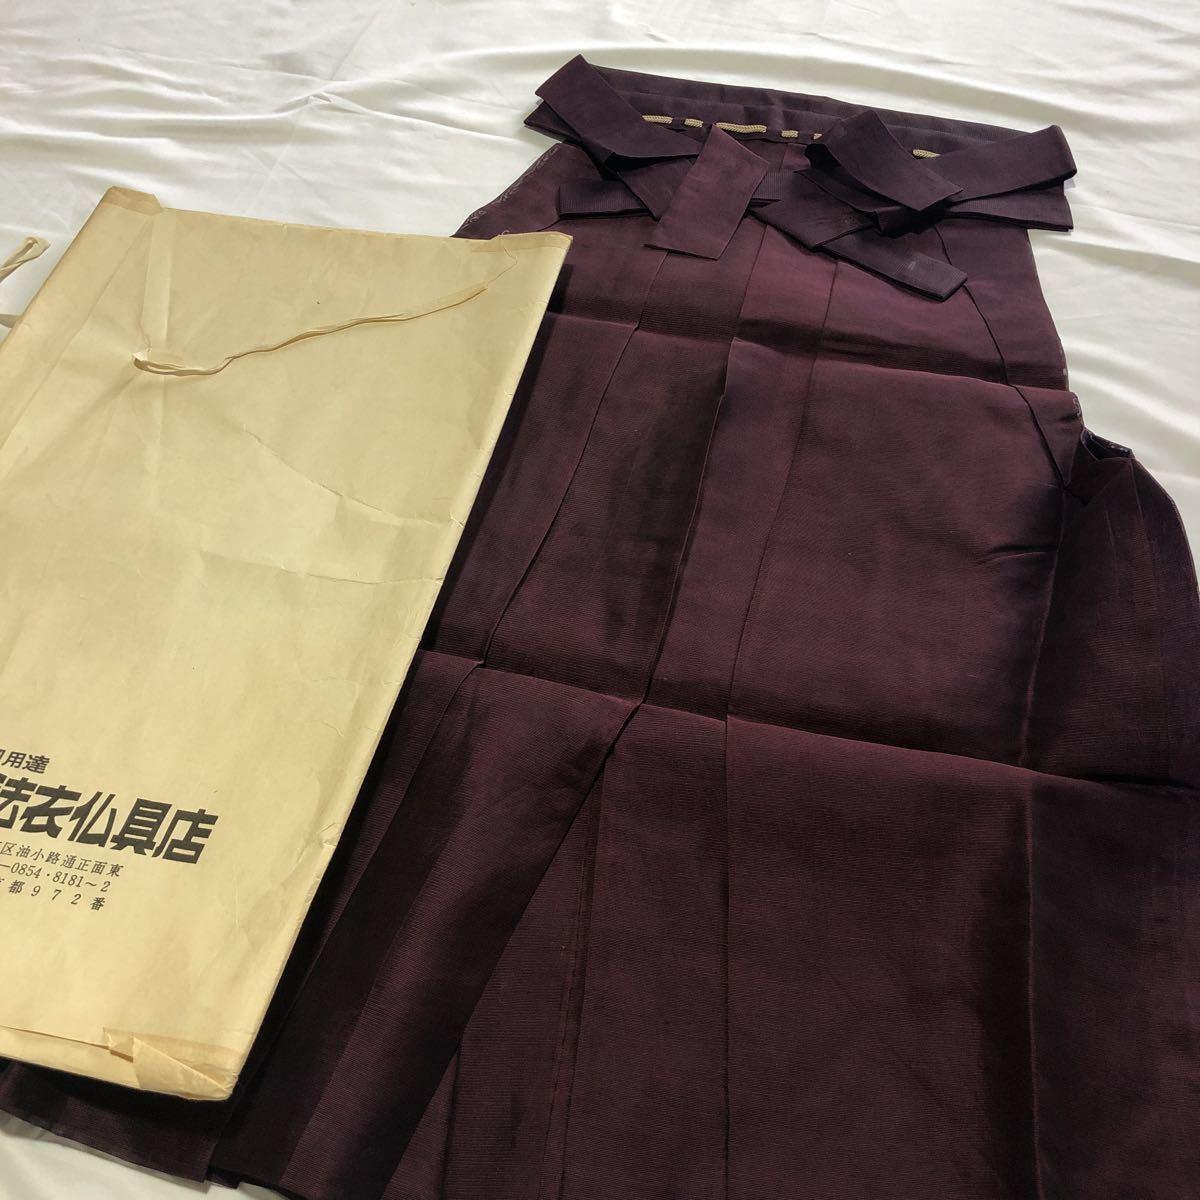 美品【袴】紫 正絹 法要 葬儀 仏具 僧侶 装束 着物 袈裟 法衣 浄土真宗 鍵長法衣店